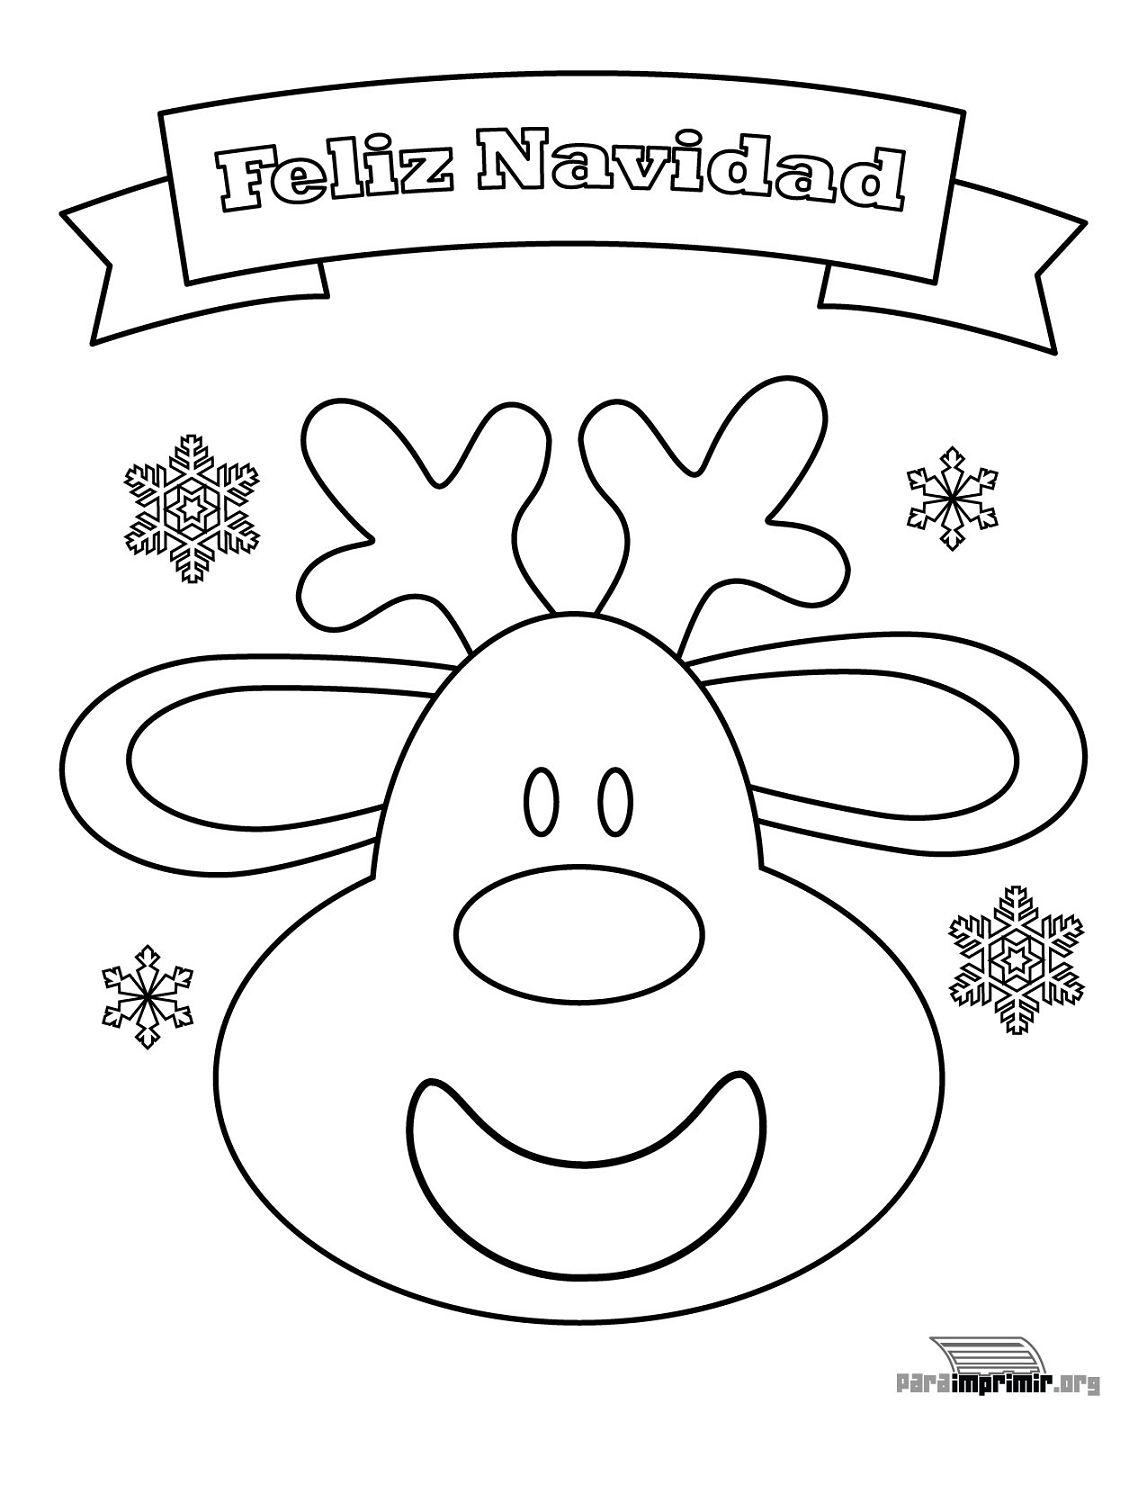 Excelente Linda Navidad Para Colorear Para Imprimir Componente ...